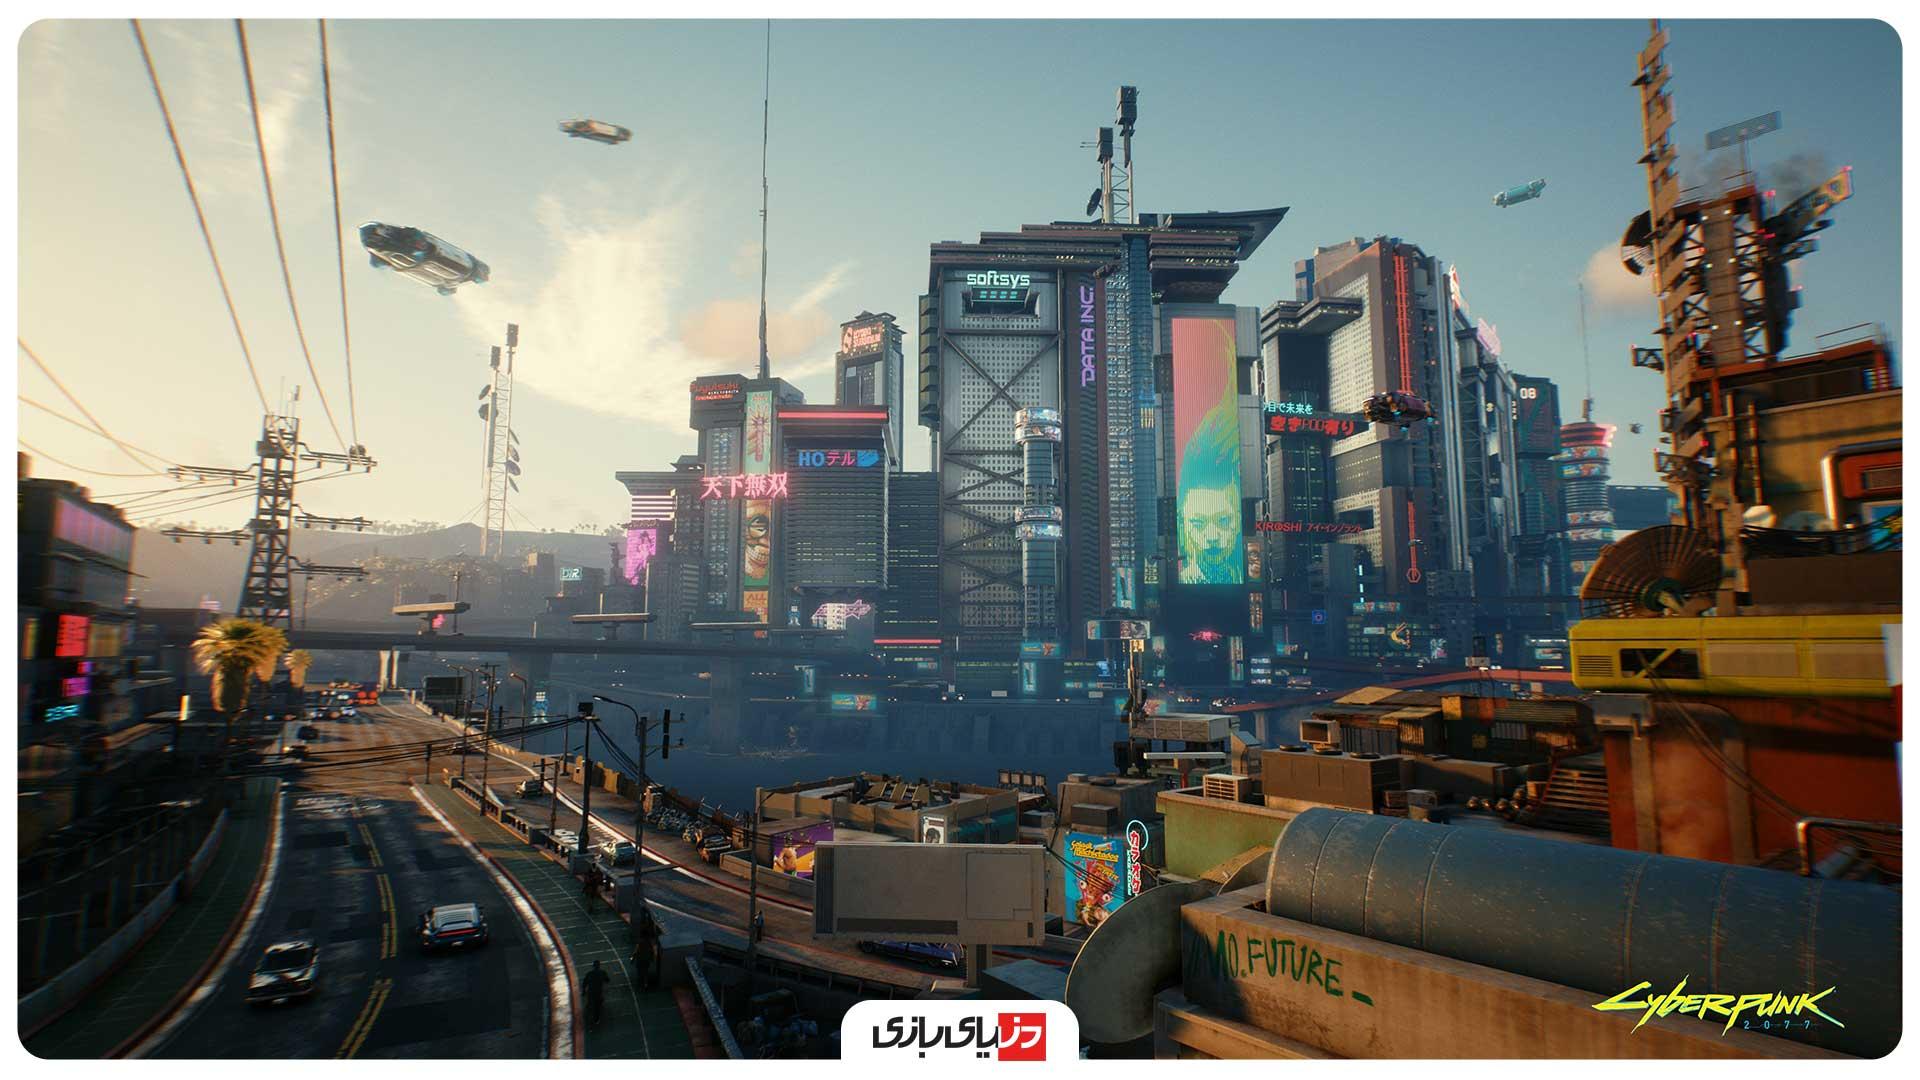 دانلود بازی سایبرپانک 2077